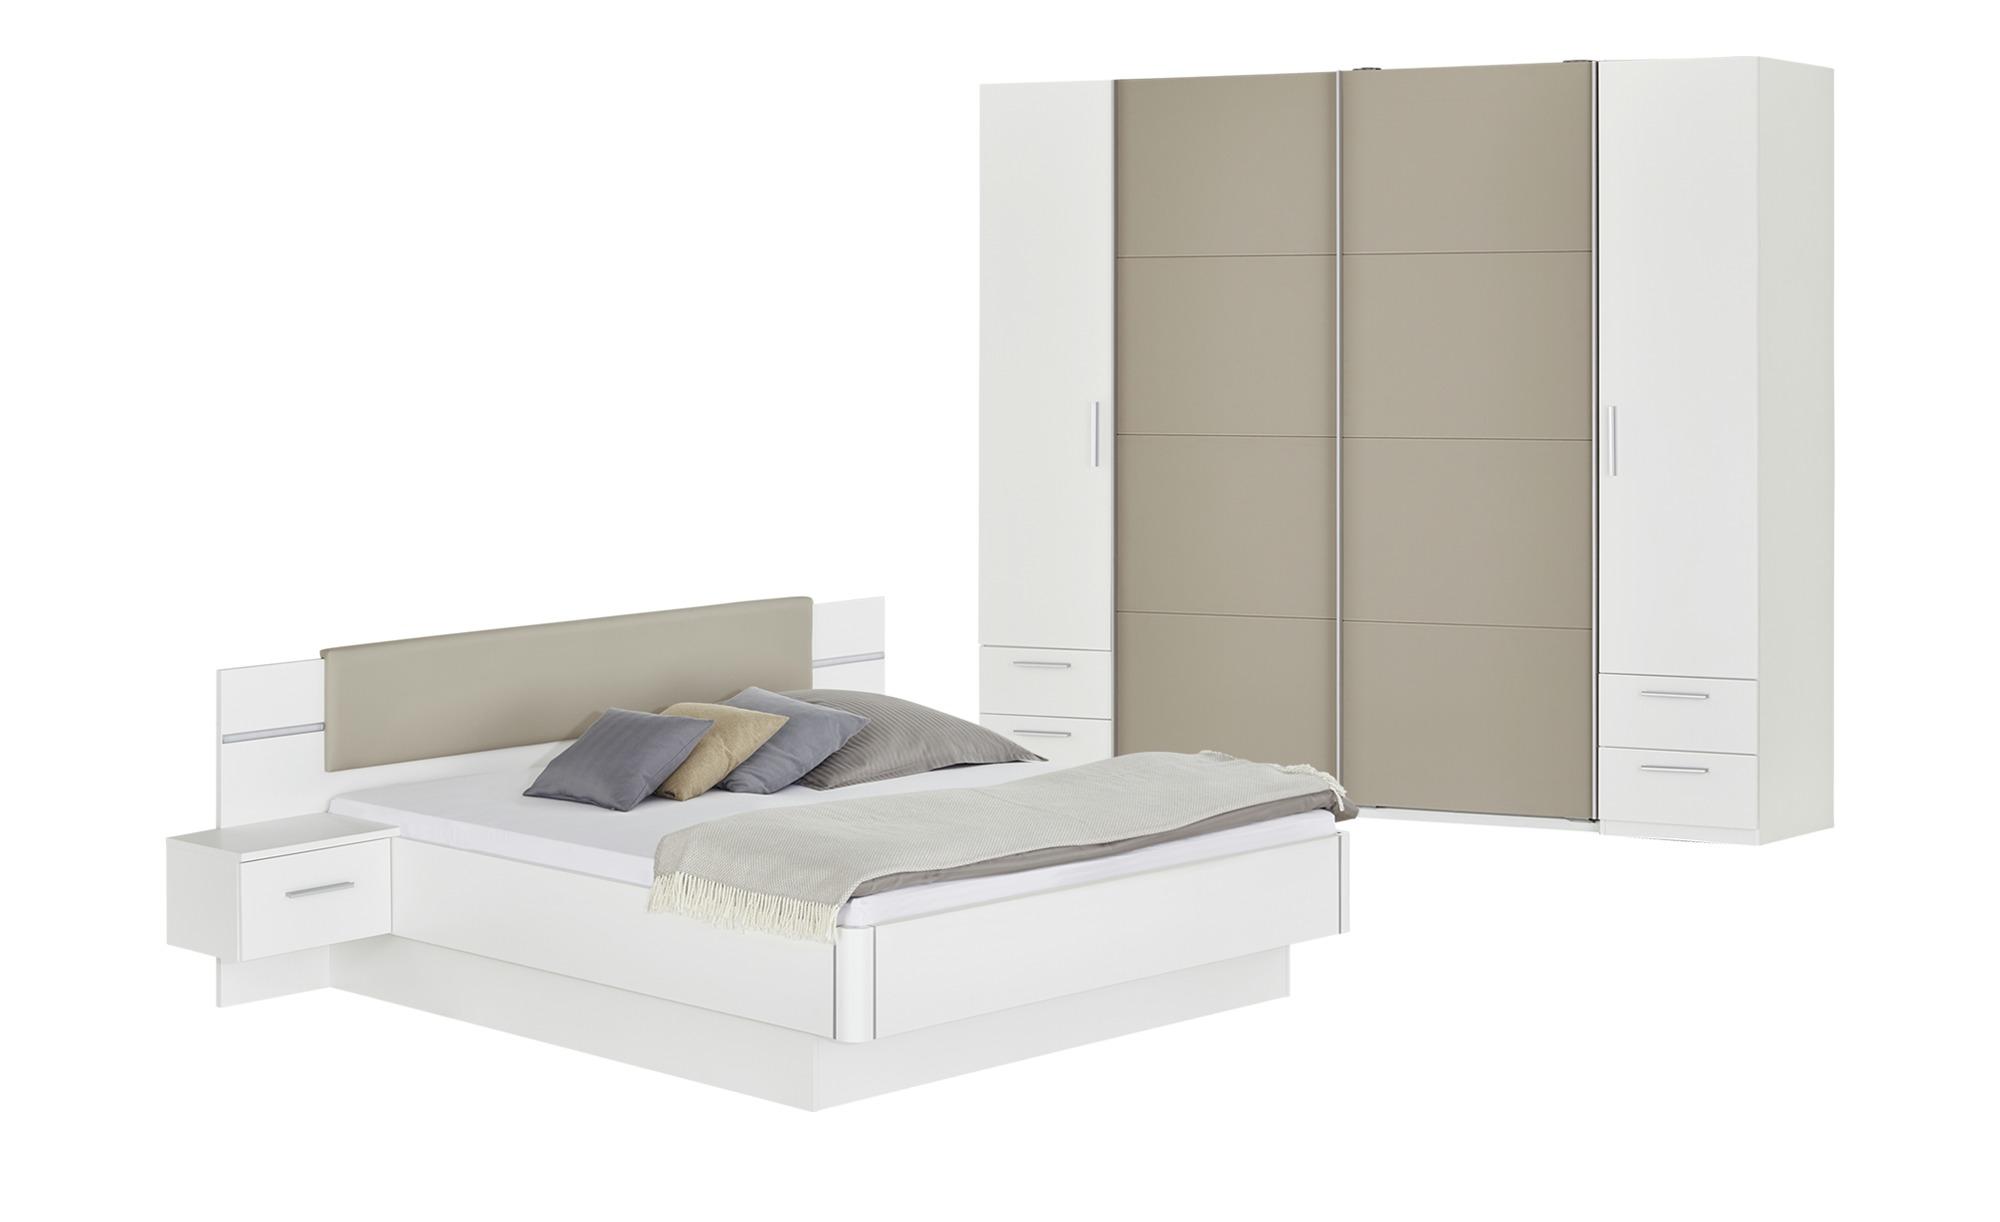 uno Komplett-Schlafzimmer 4-teilig mit Beleuchtung Miami ¦ weiß ...